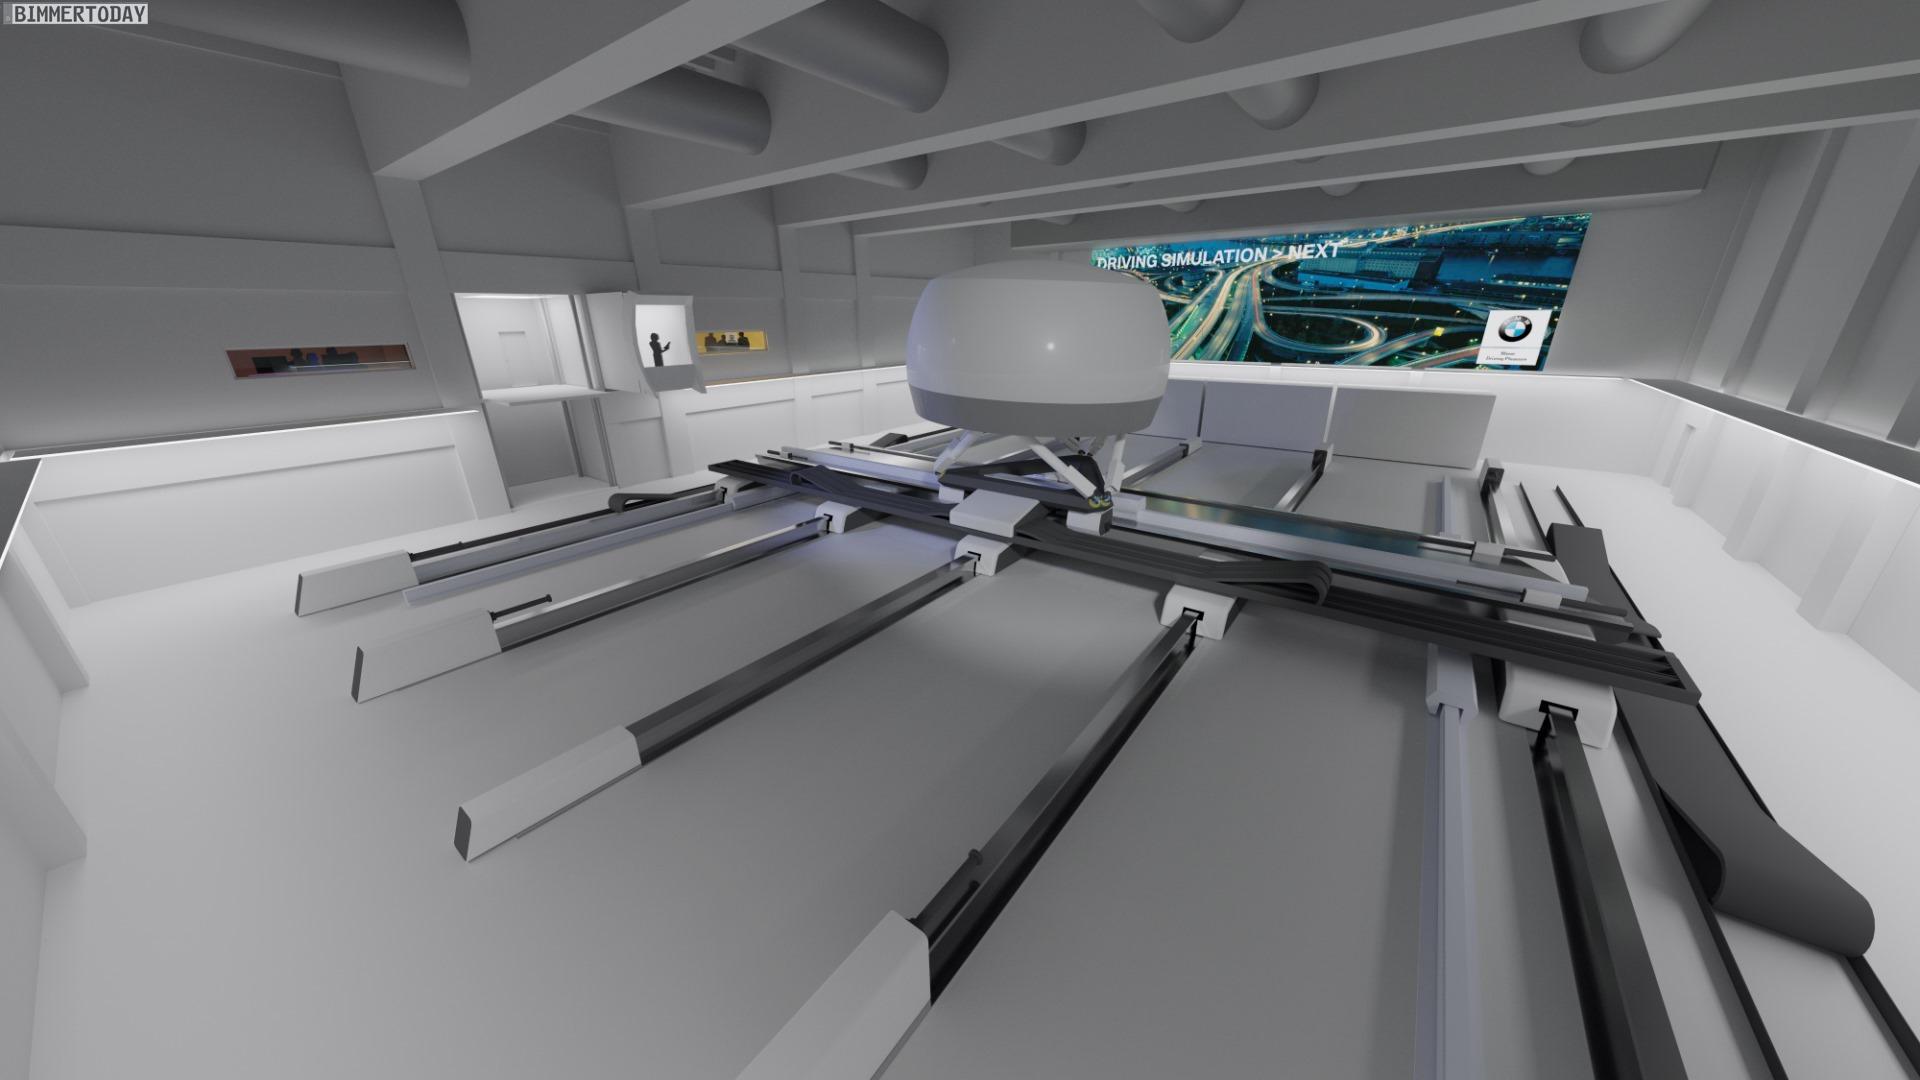 bmw fahrsimulationszentrum in m nchen startet 2020. Black Bedroom Furniture Sets. Home Design Ideas